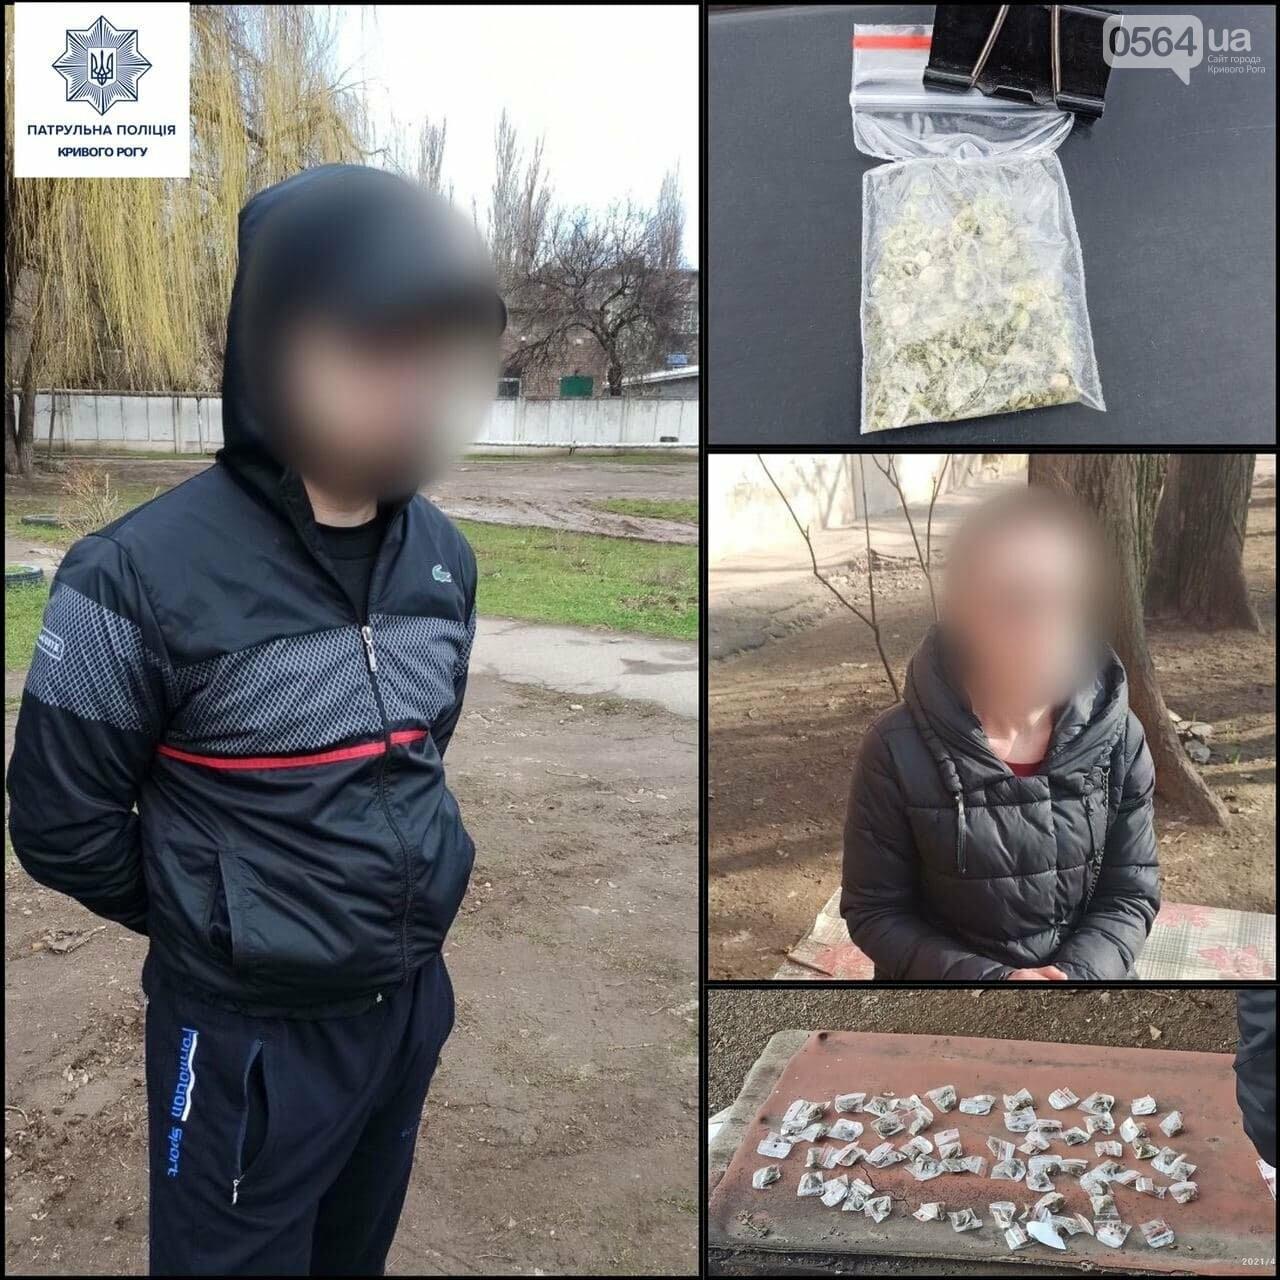 Патрульные задержали горожан, которые ходили по улицам Кривого Рога с наркотиками, - ФОТО , фото-2